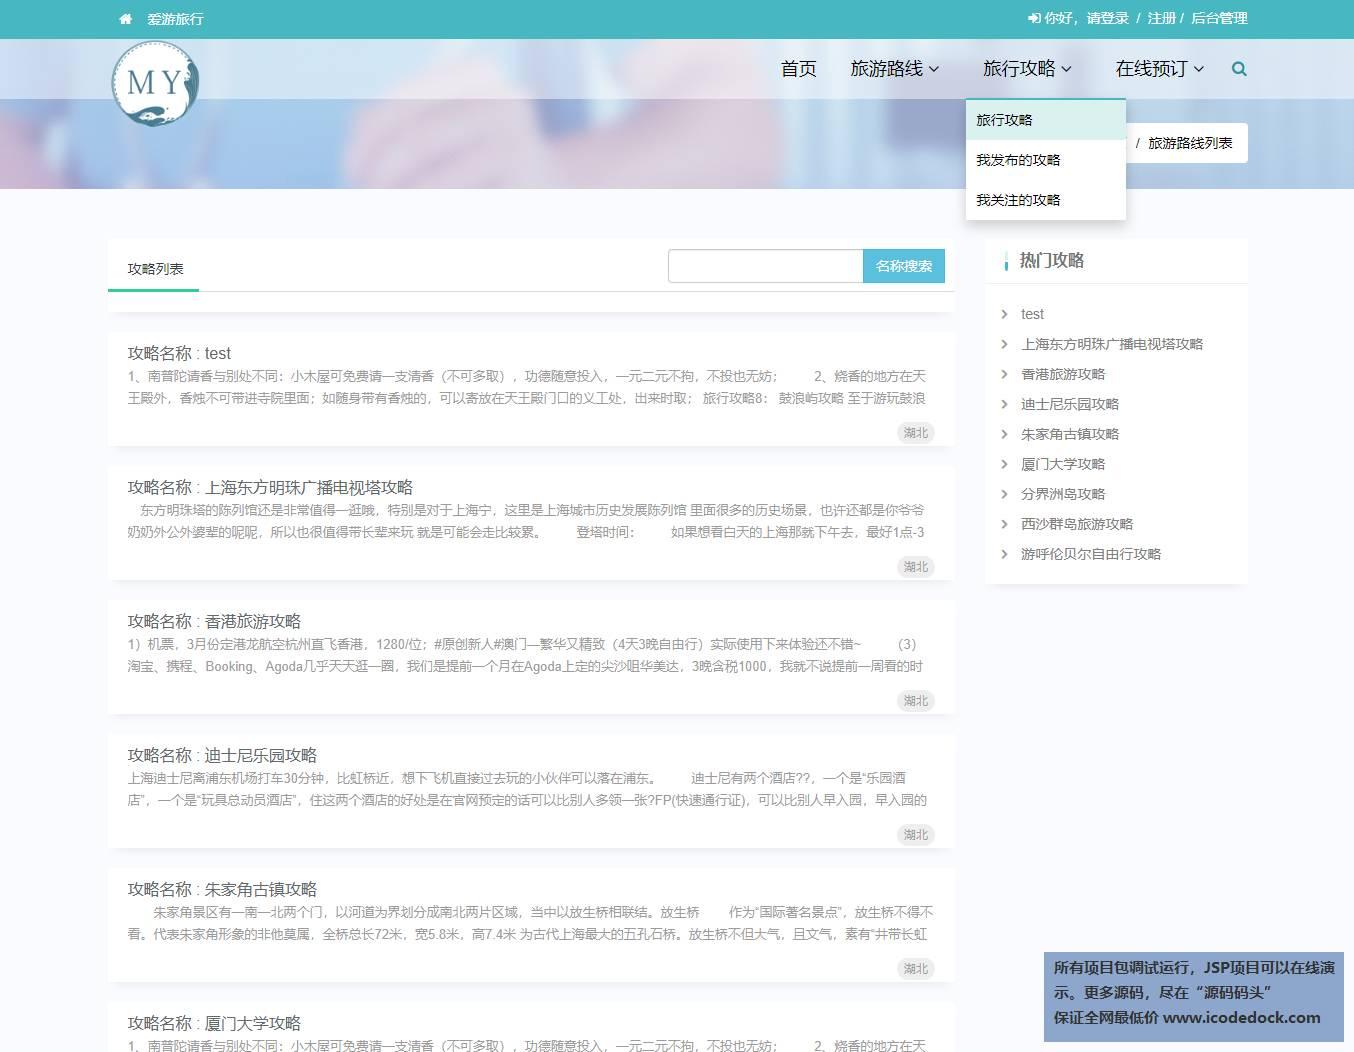 源码码头-SpringBoot旅游综合服务平台-用户角色-查看旅行攻略